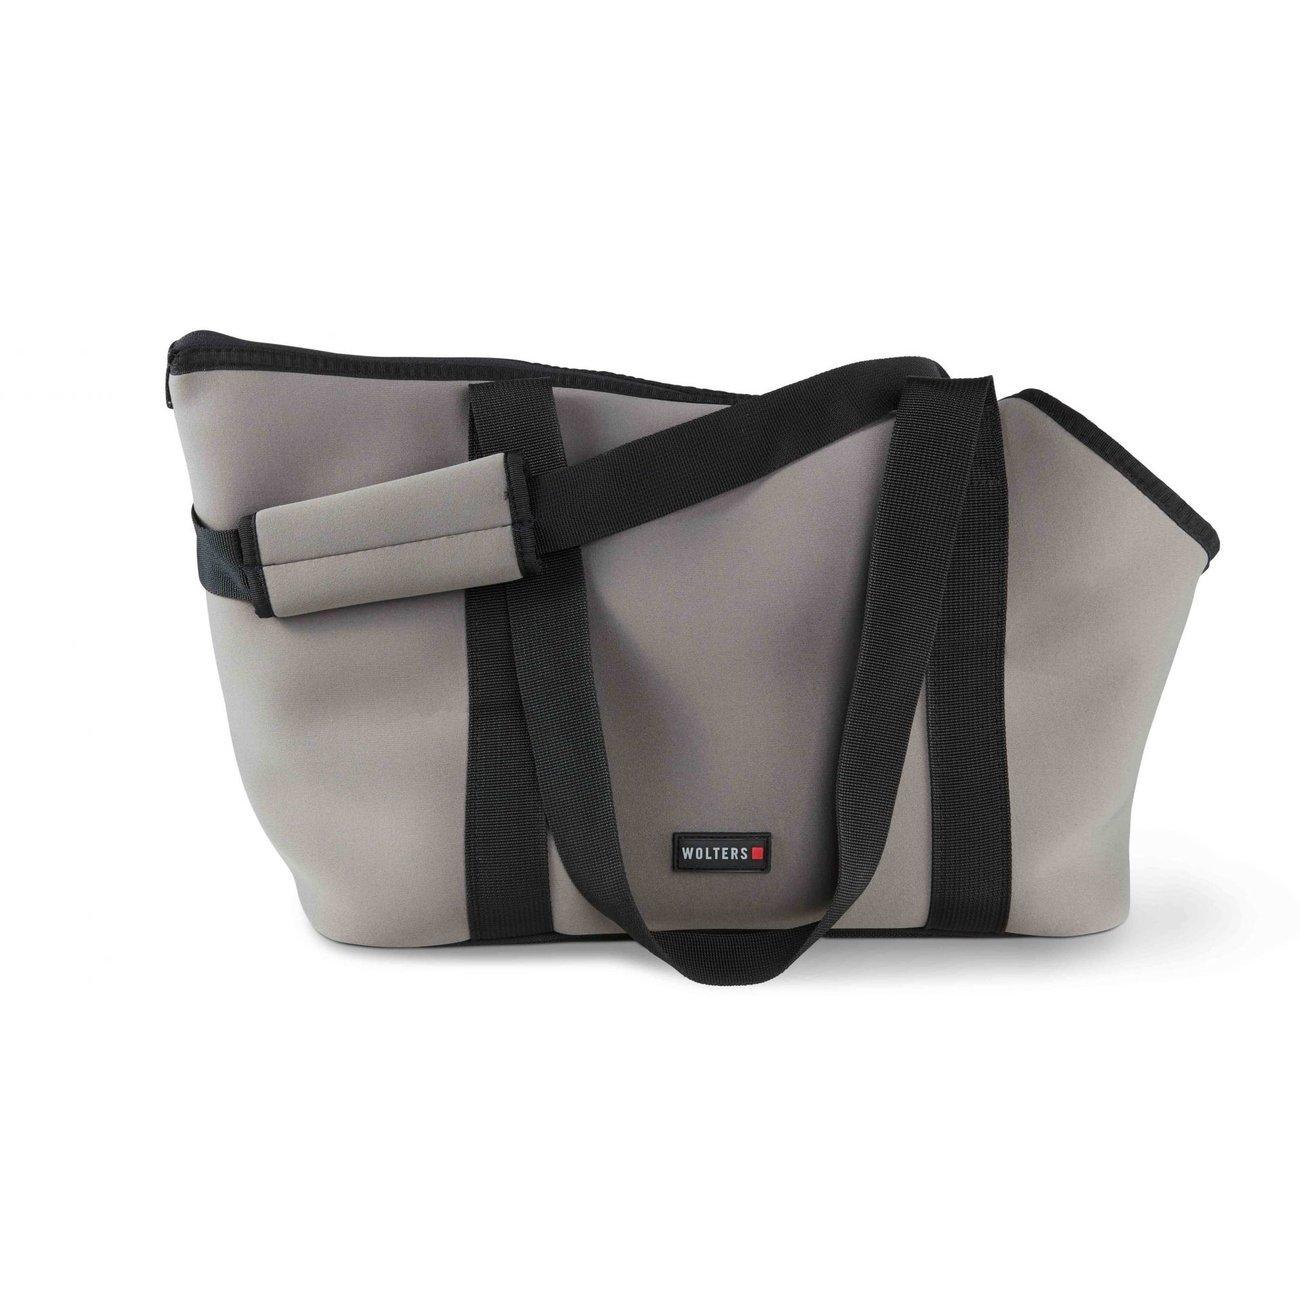 Wolters Hundetasche Softbag Grey Essentials Large, Bild 6